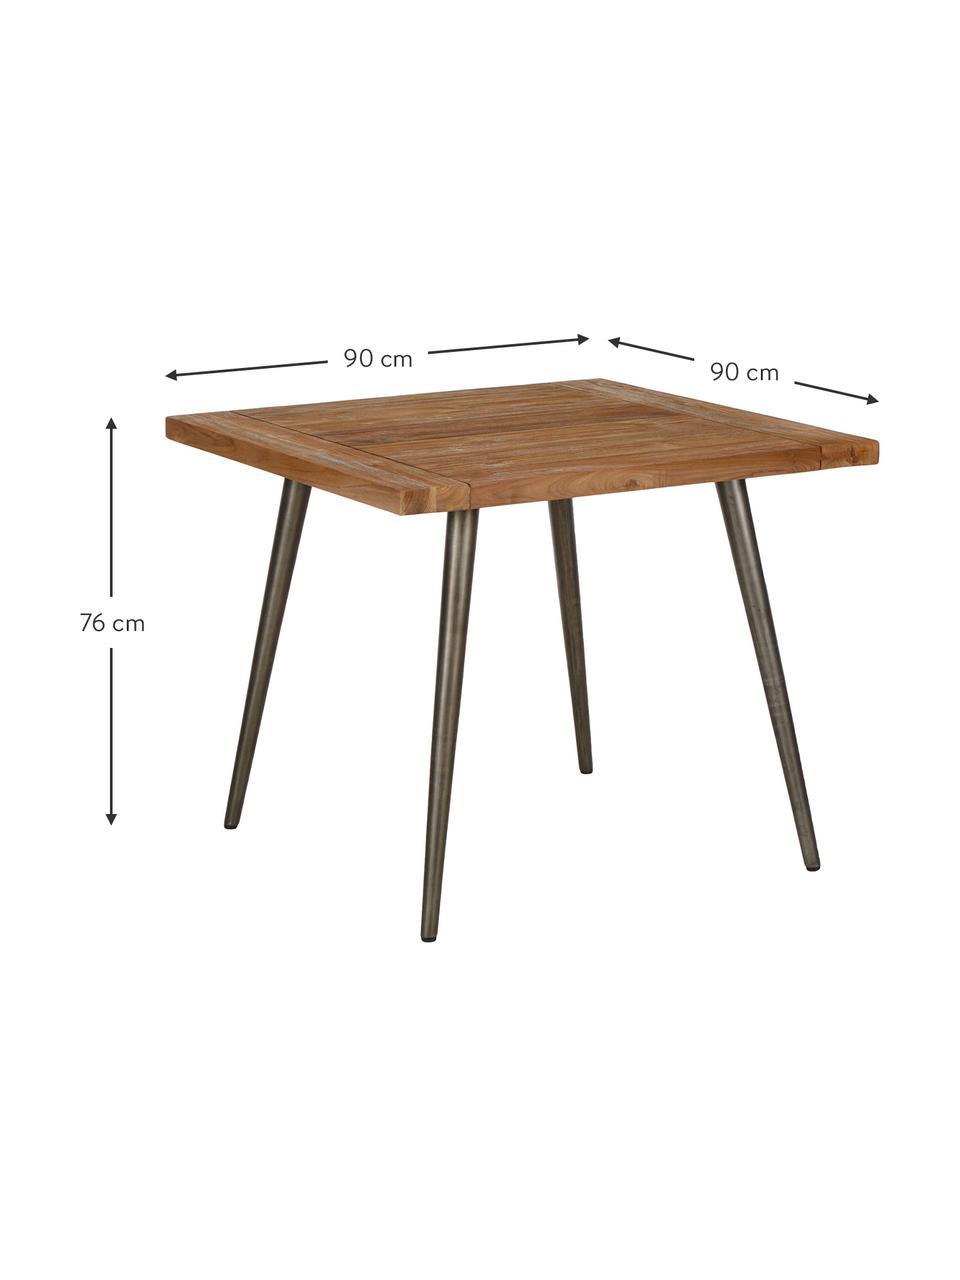 Stół do jadalni z blatem z litego drewna Kapal, Blat: lite drewno tekowe pochod, Nogi: stal z celowymi śladami u, Drewno tekowe, czarny, S 90 x G 90 cm